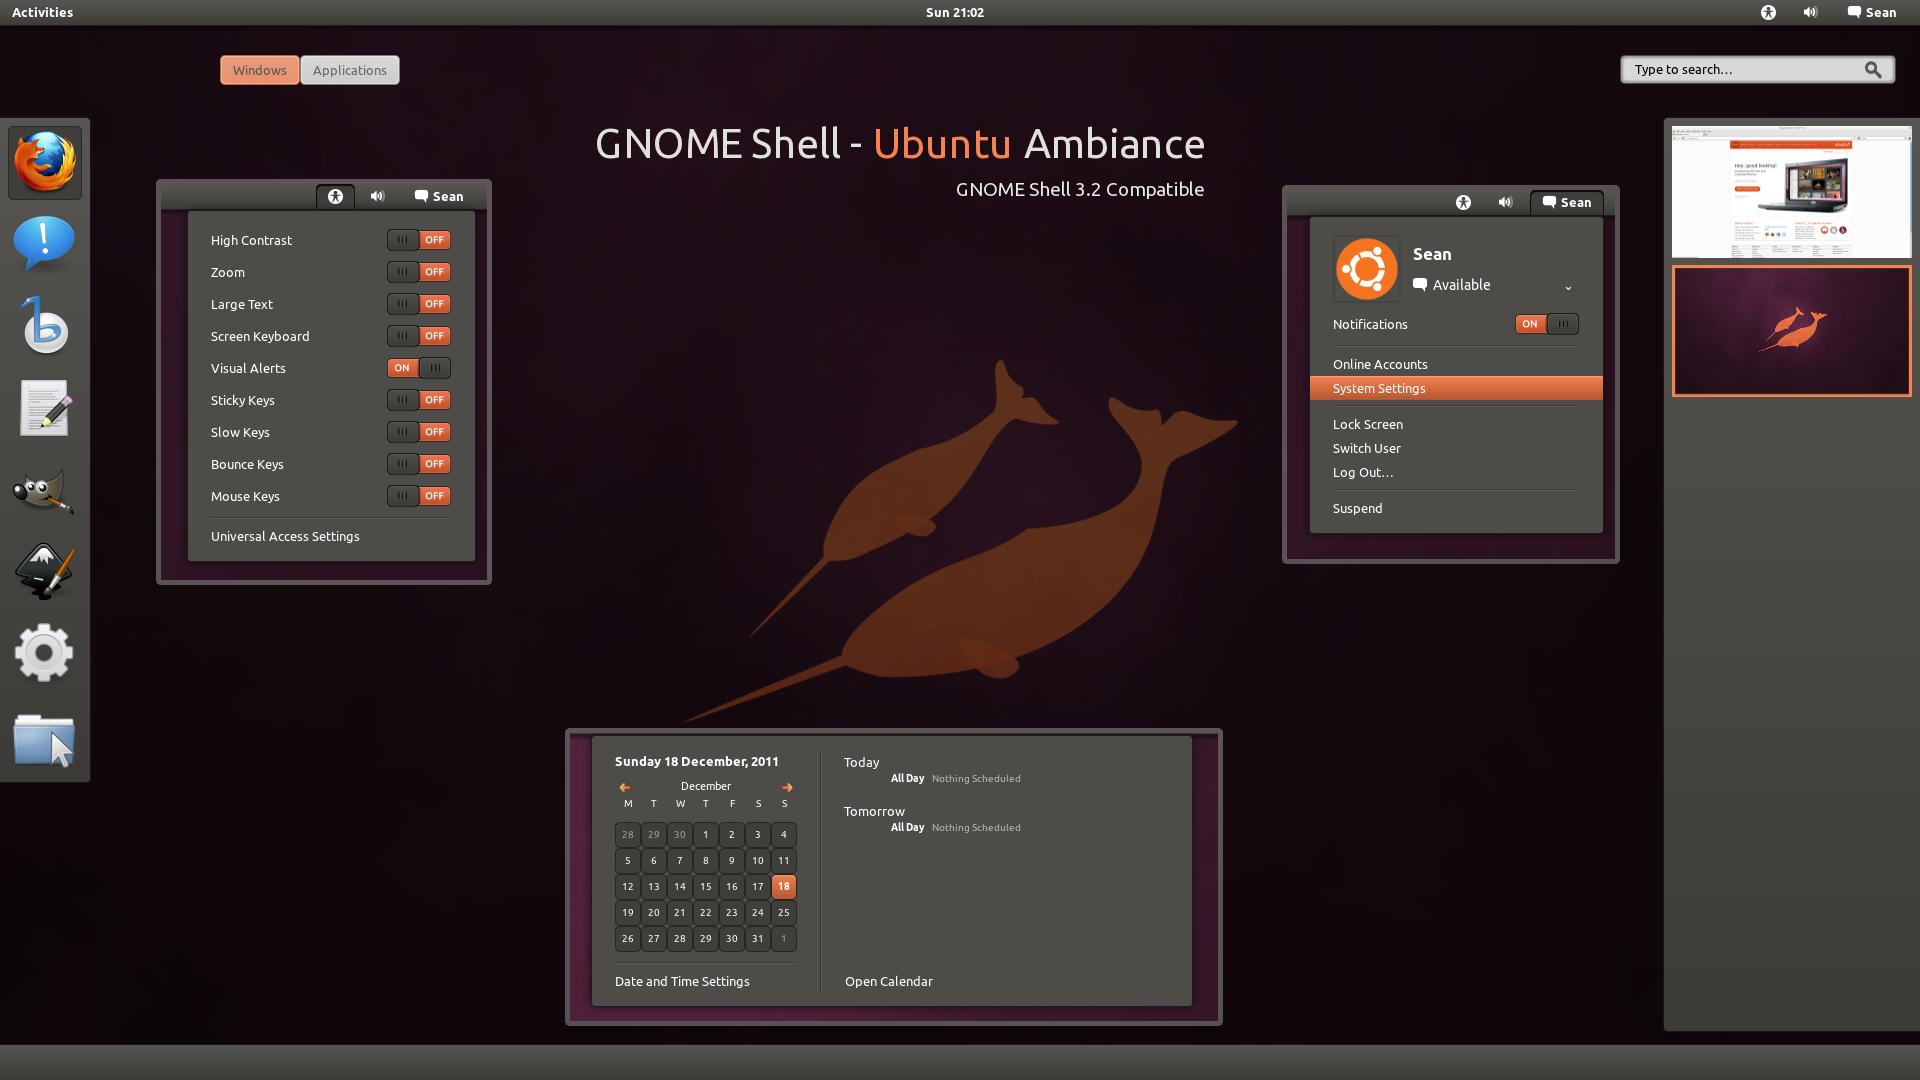 GNOME Shell - Ubuntu Ambiance